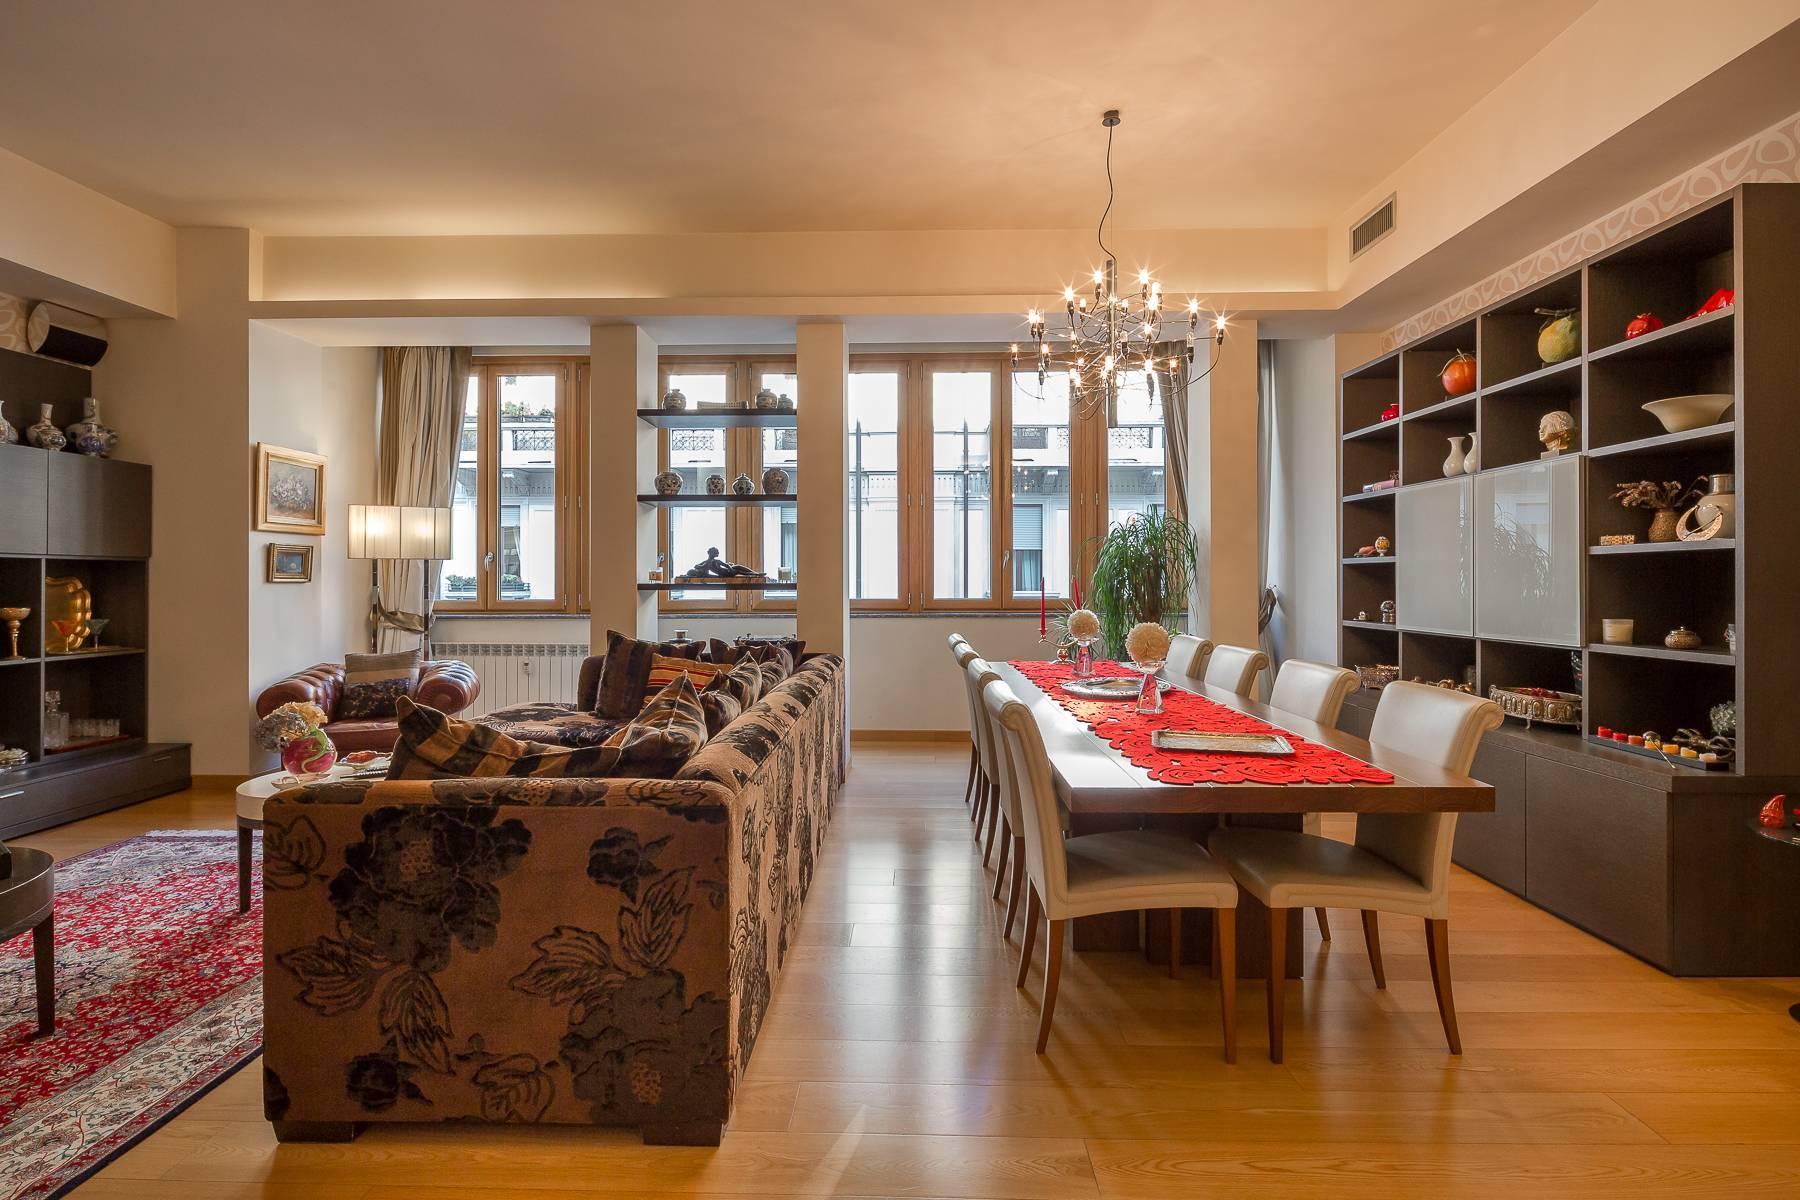 Квартира в классическом стиле на via Besana - 16